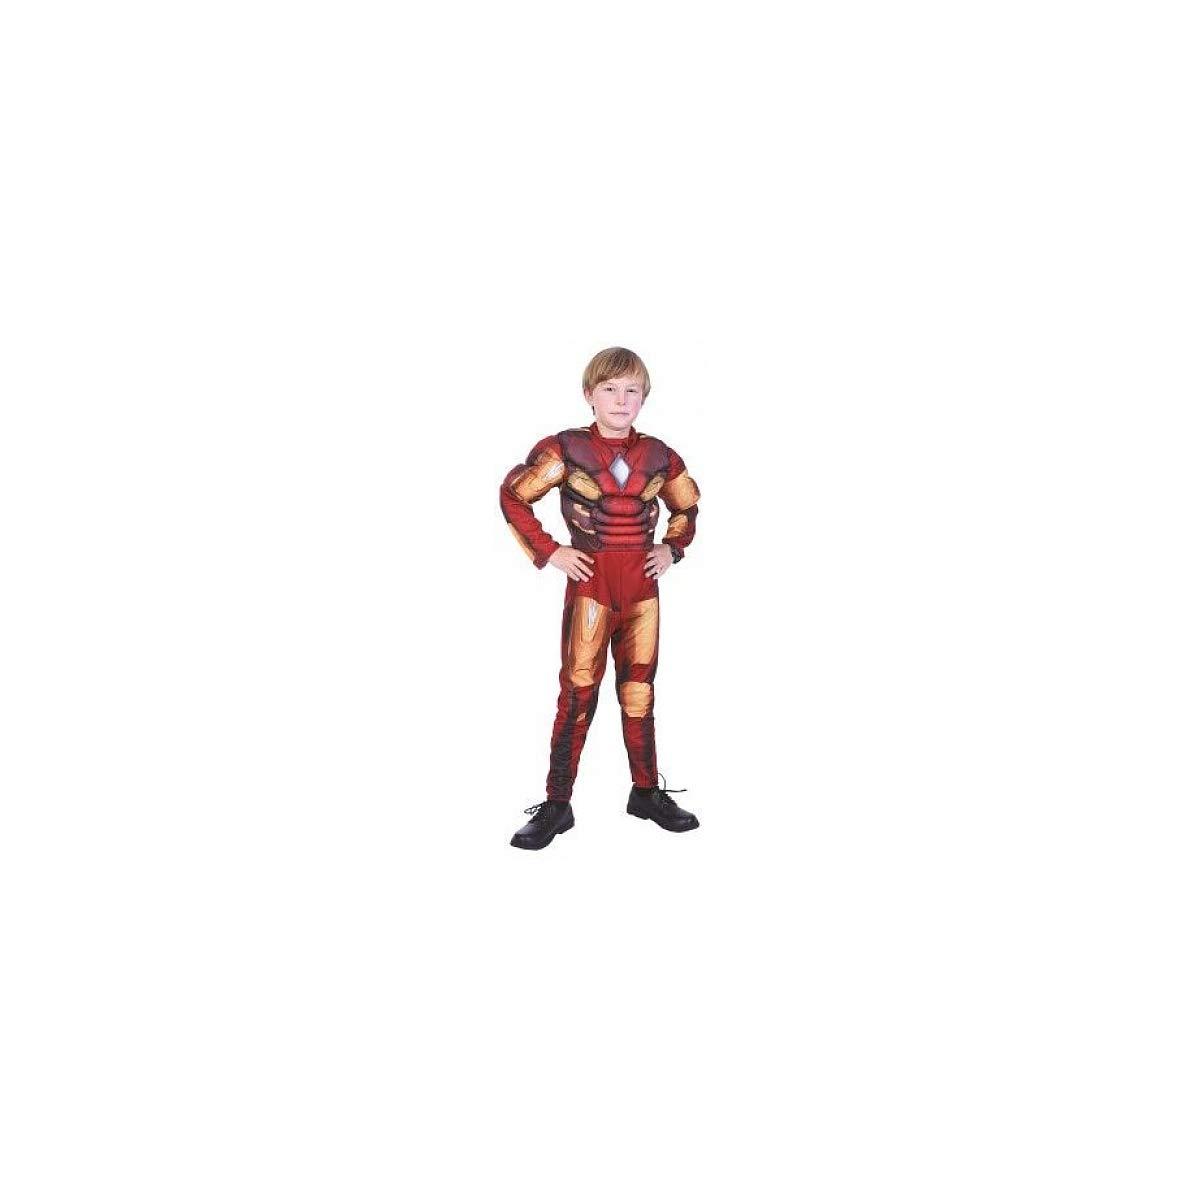 Partypro Disfraz de Super Robot 7-9 años: Amazon.es: Juguetes y juegos